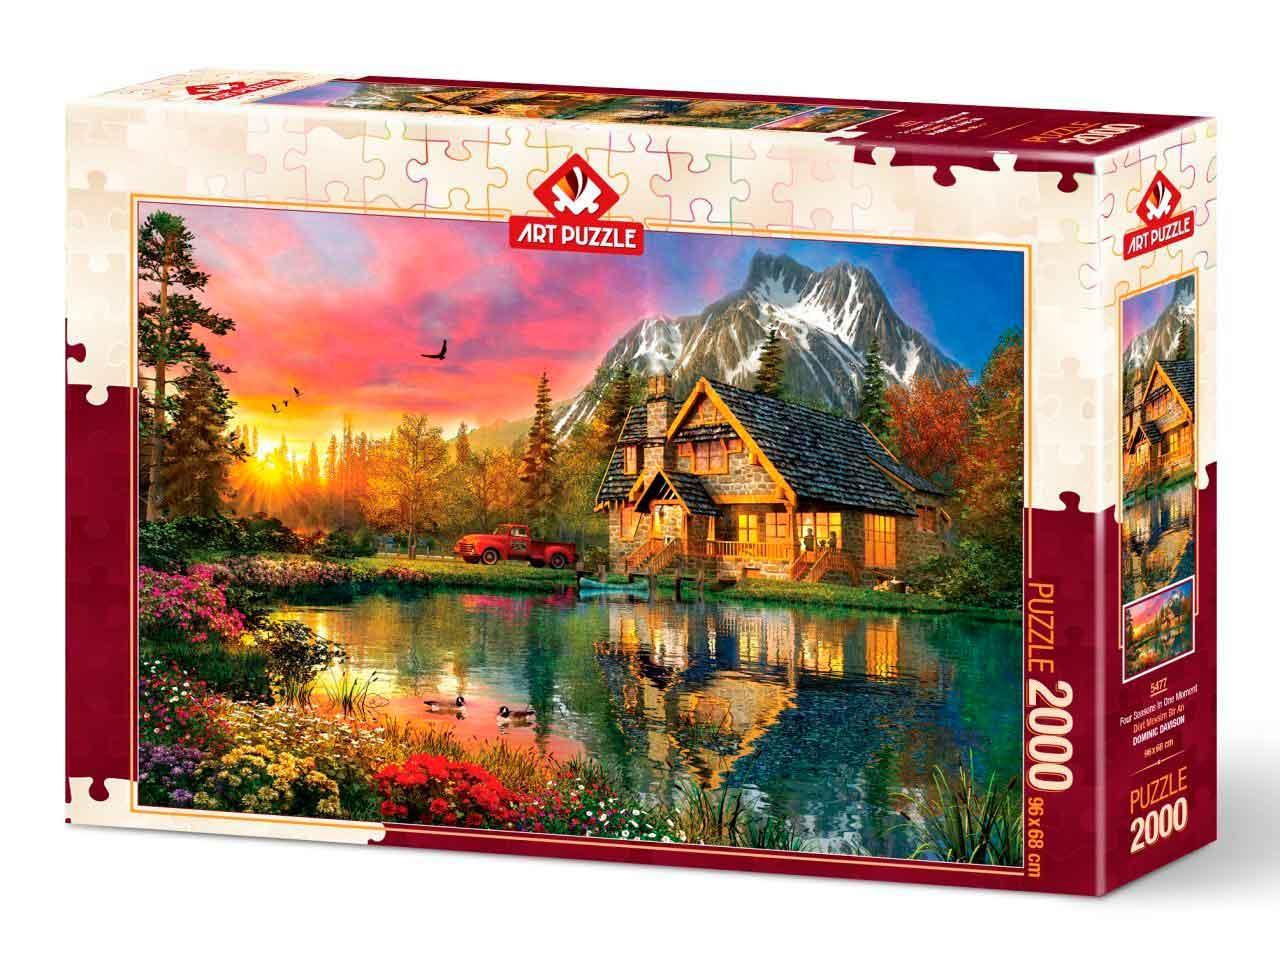 Puzzle Art Puzzle Cuatro Estaciones En Un Momento de 2000 Piezas